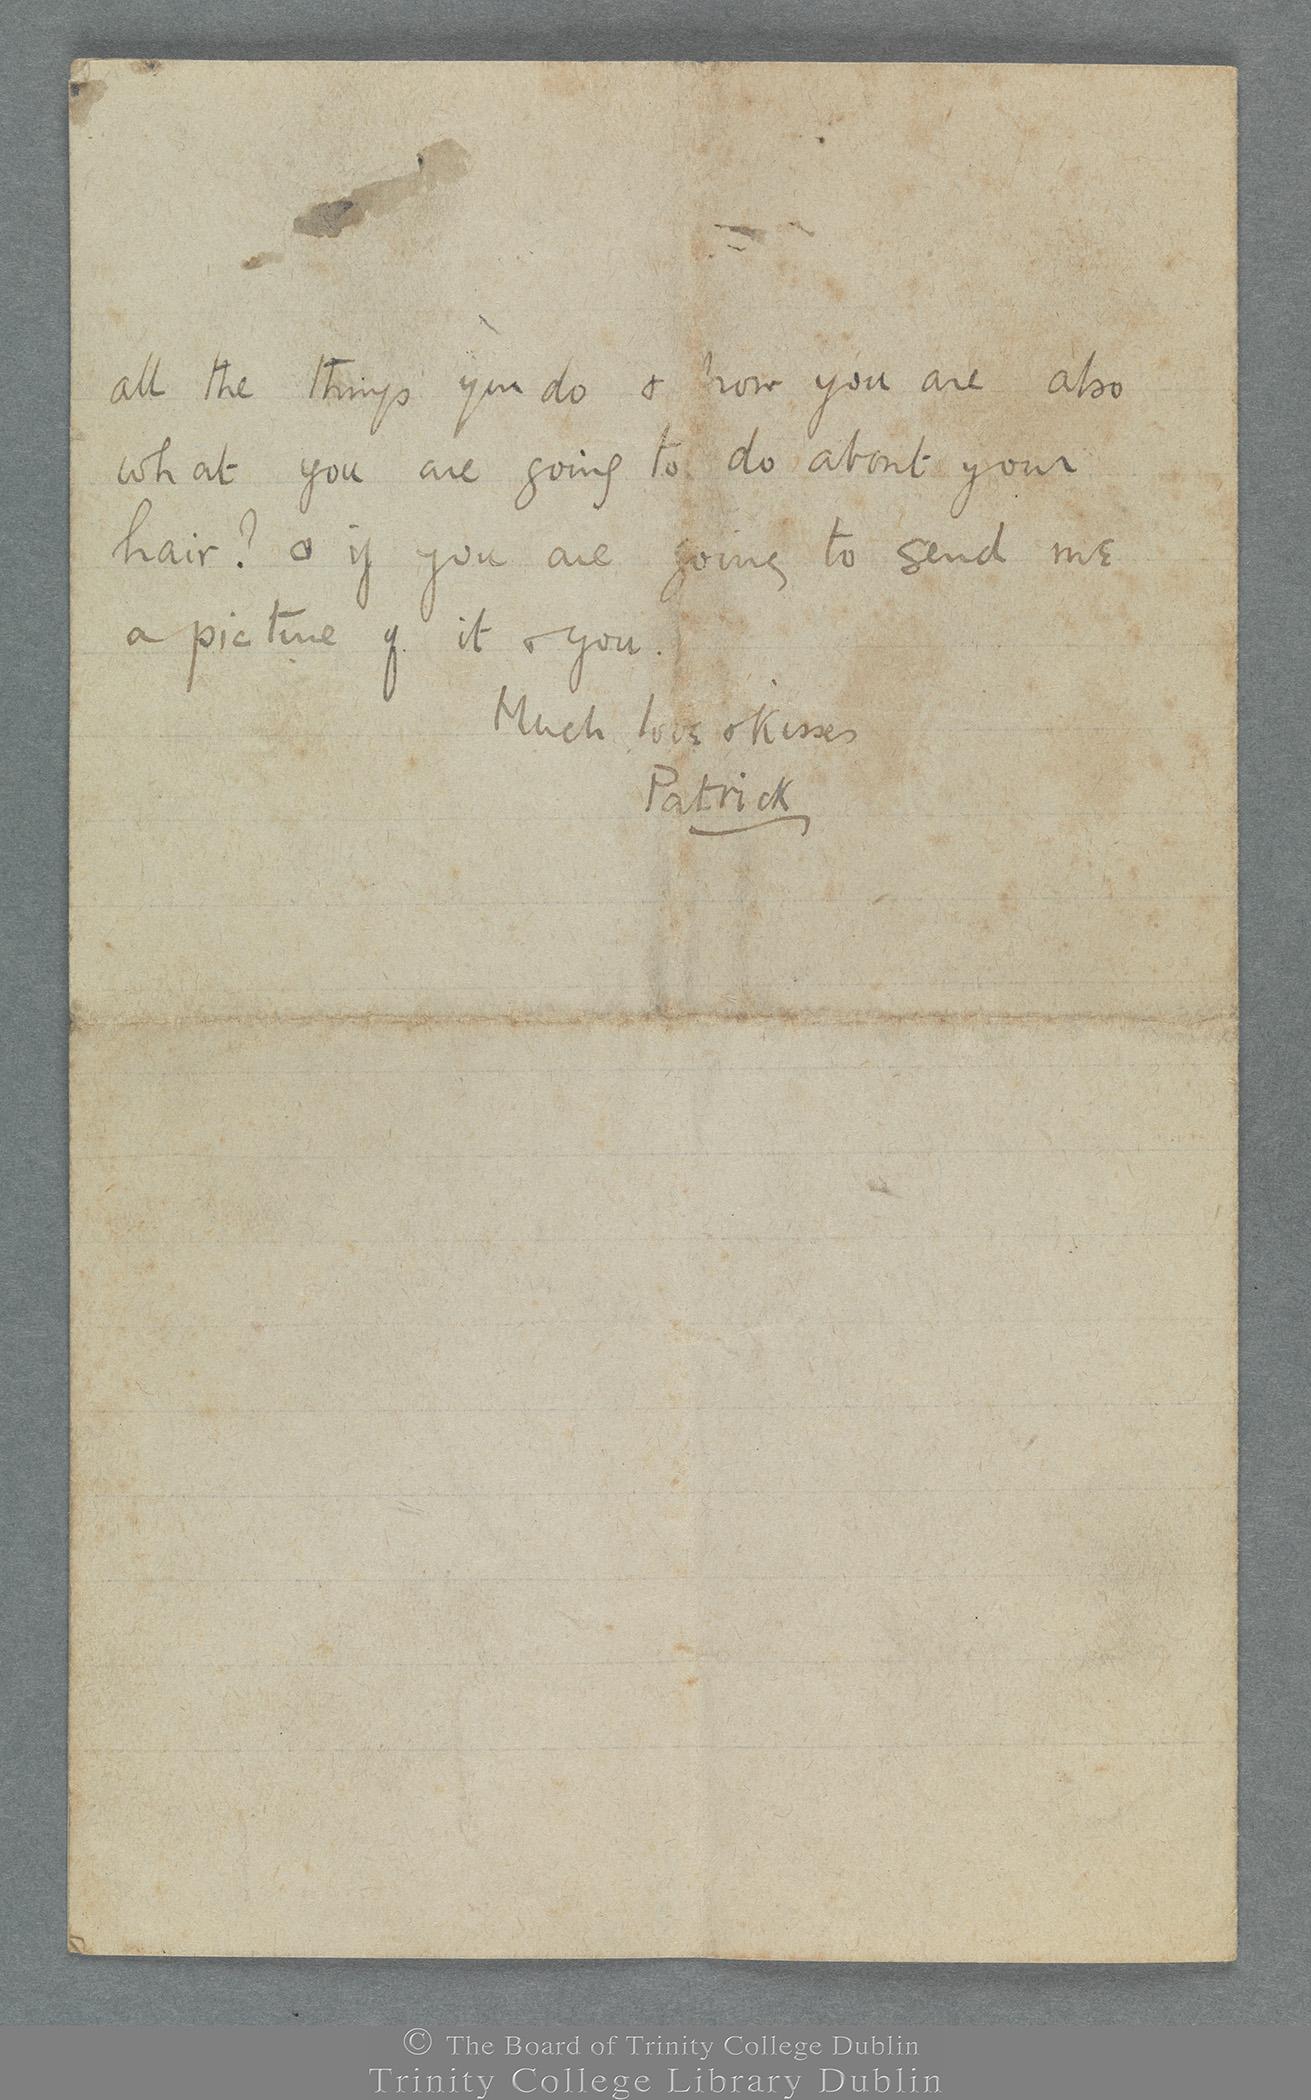 TCD MS 11274/3 folio 2 verso